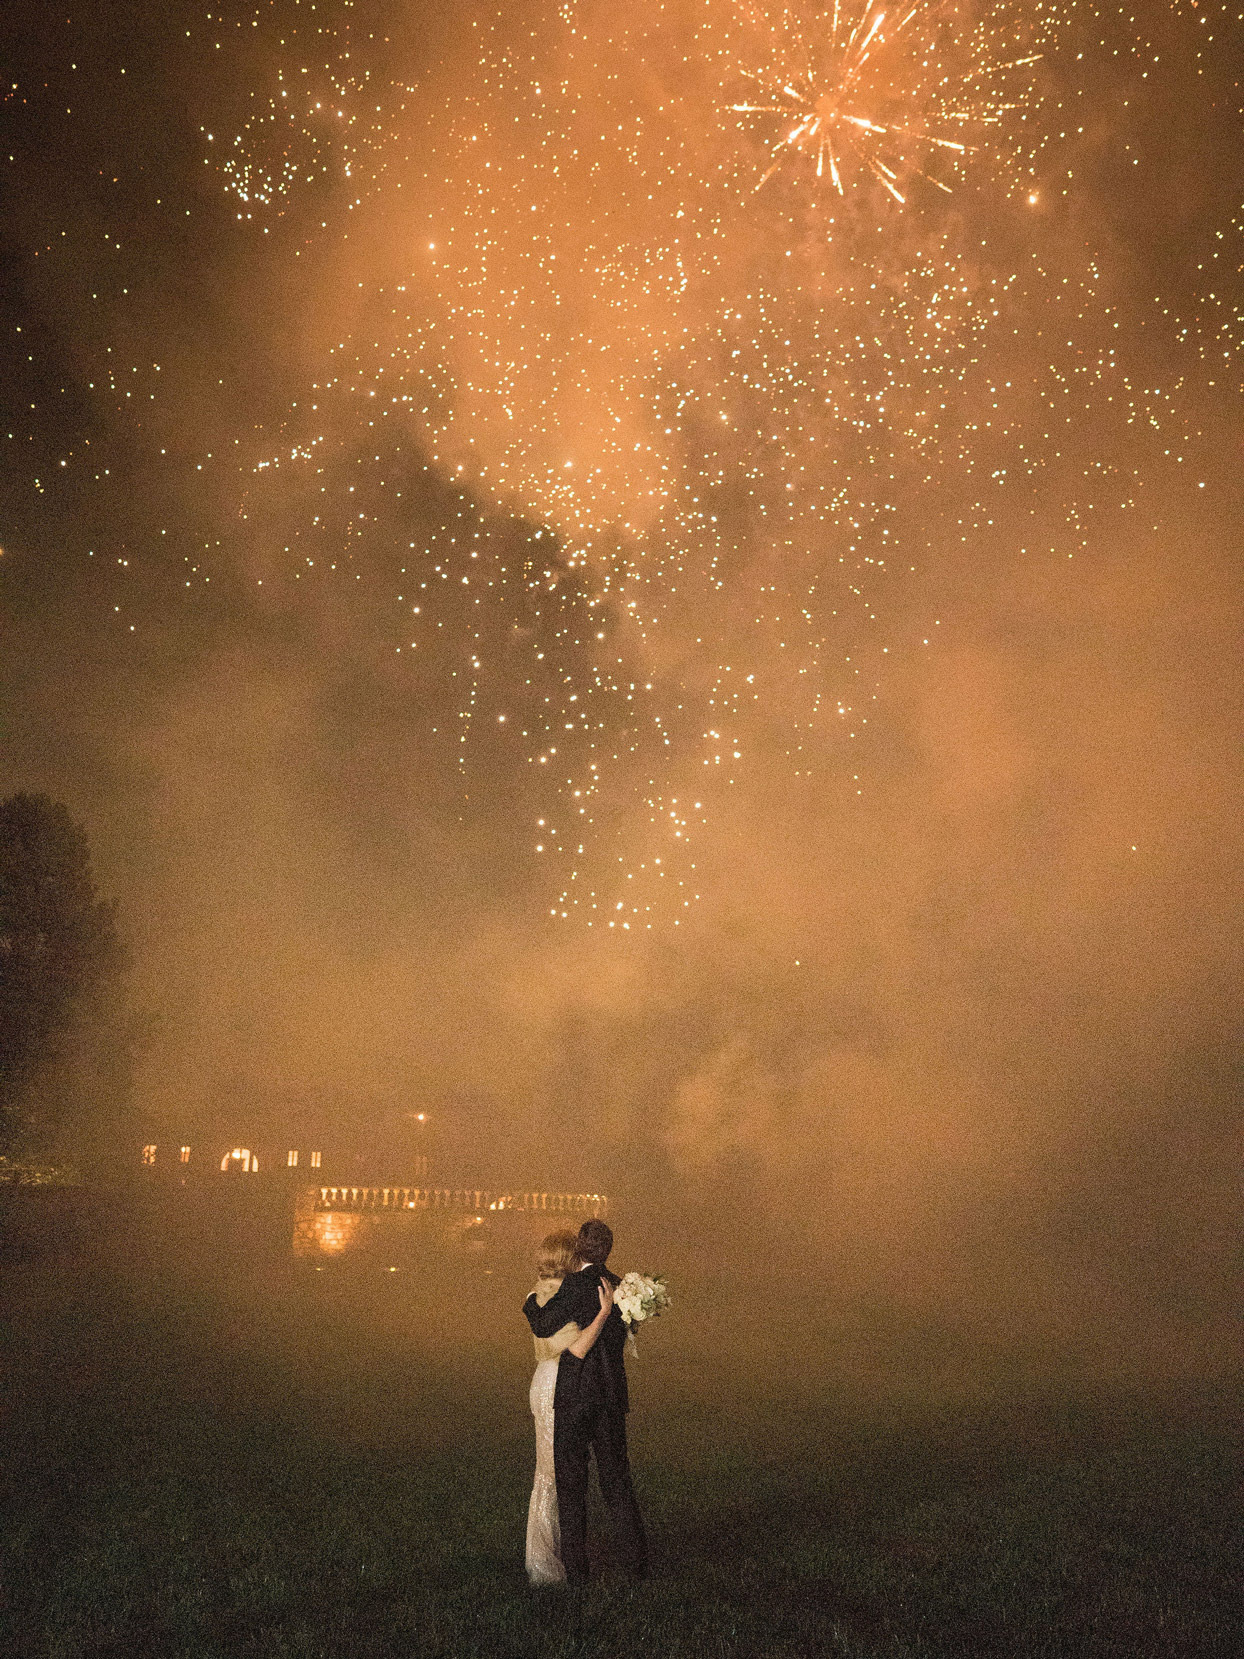 bride and groom standing under fireworks filled sky